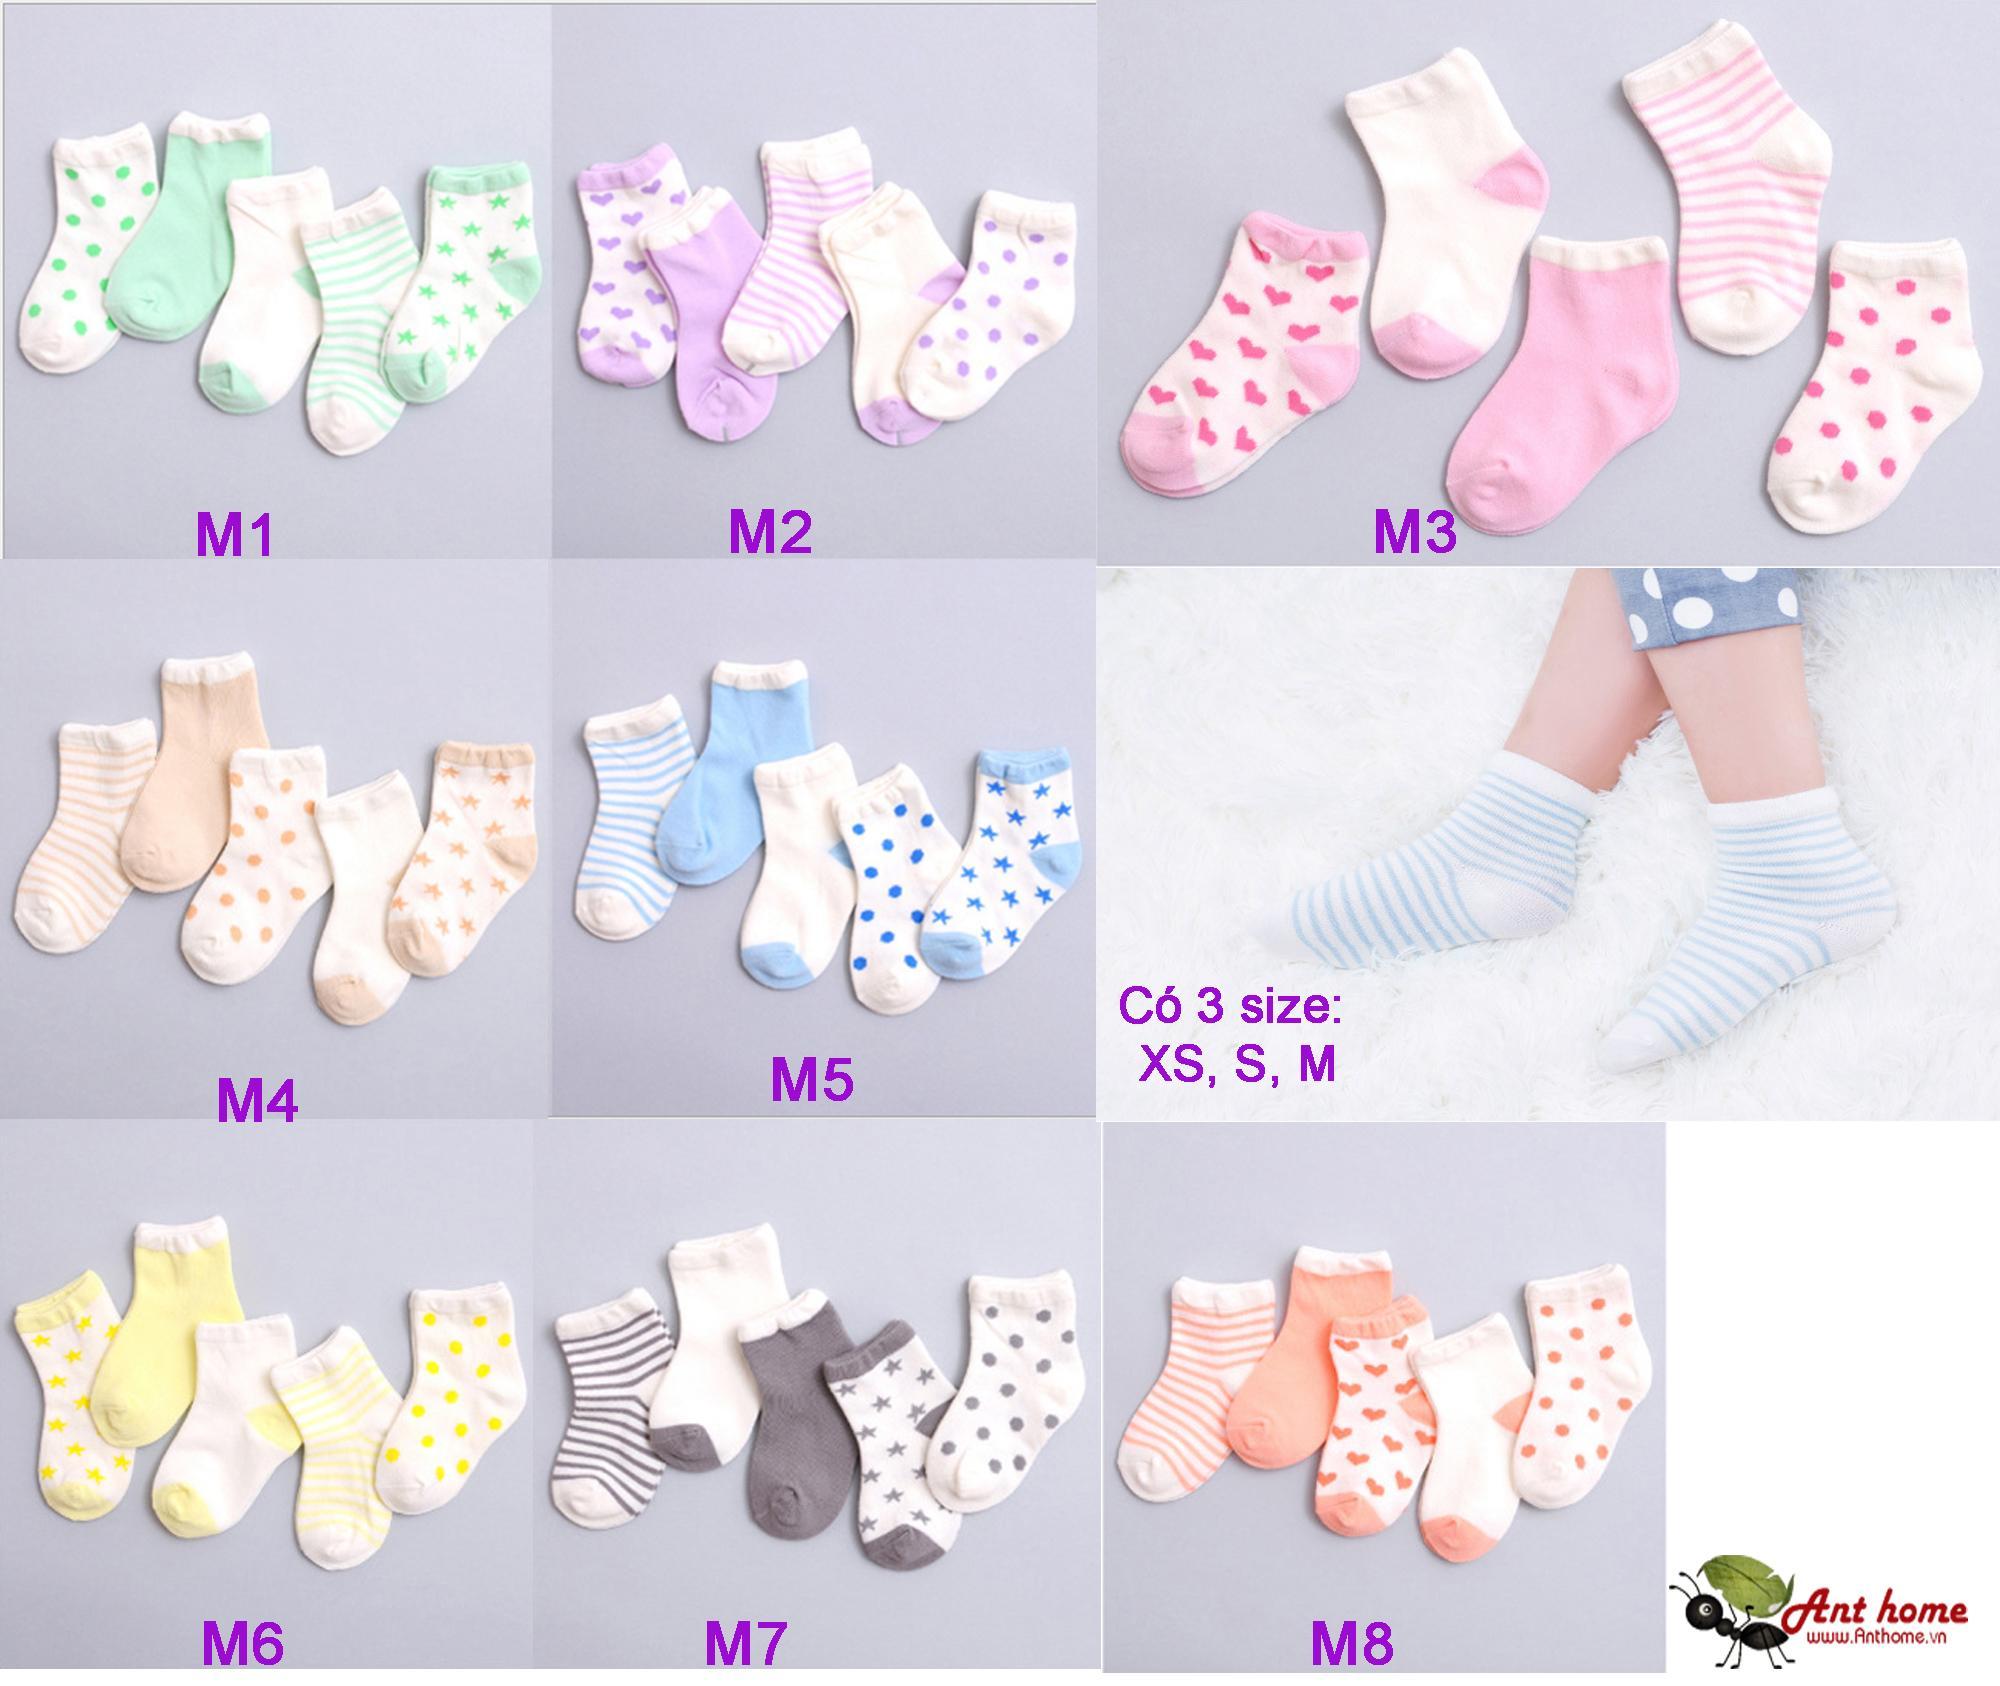 Combo 5 đôi vớ (tất) bé trai từ 0-1 tuổi size XS mẫu M4